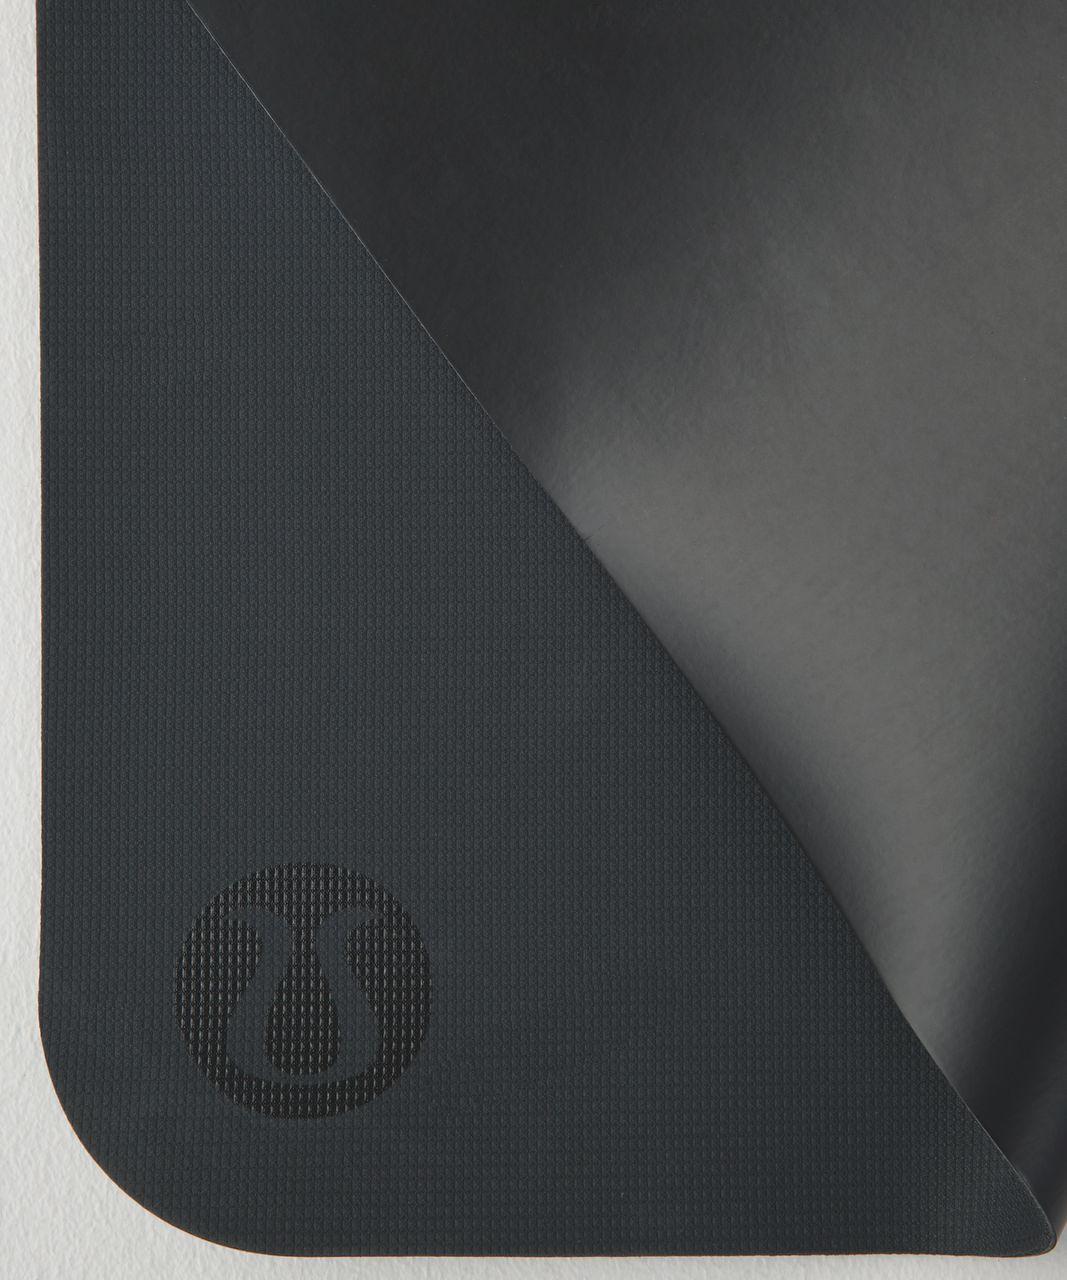 Lululemon The Reversible Mat 3mm - Black